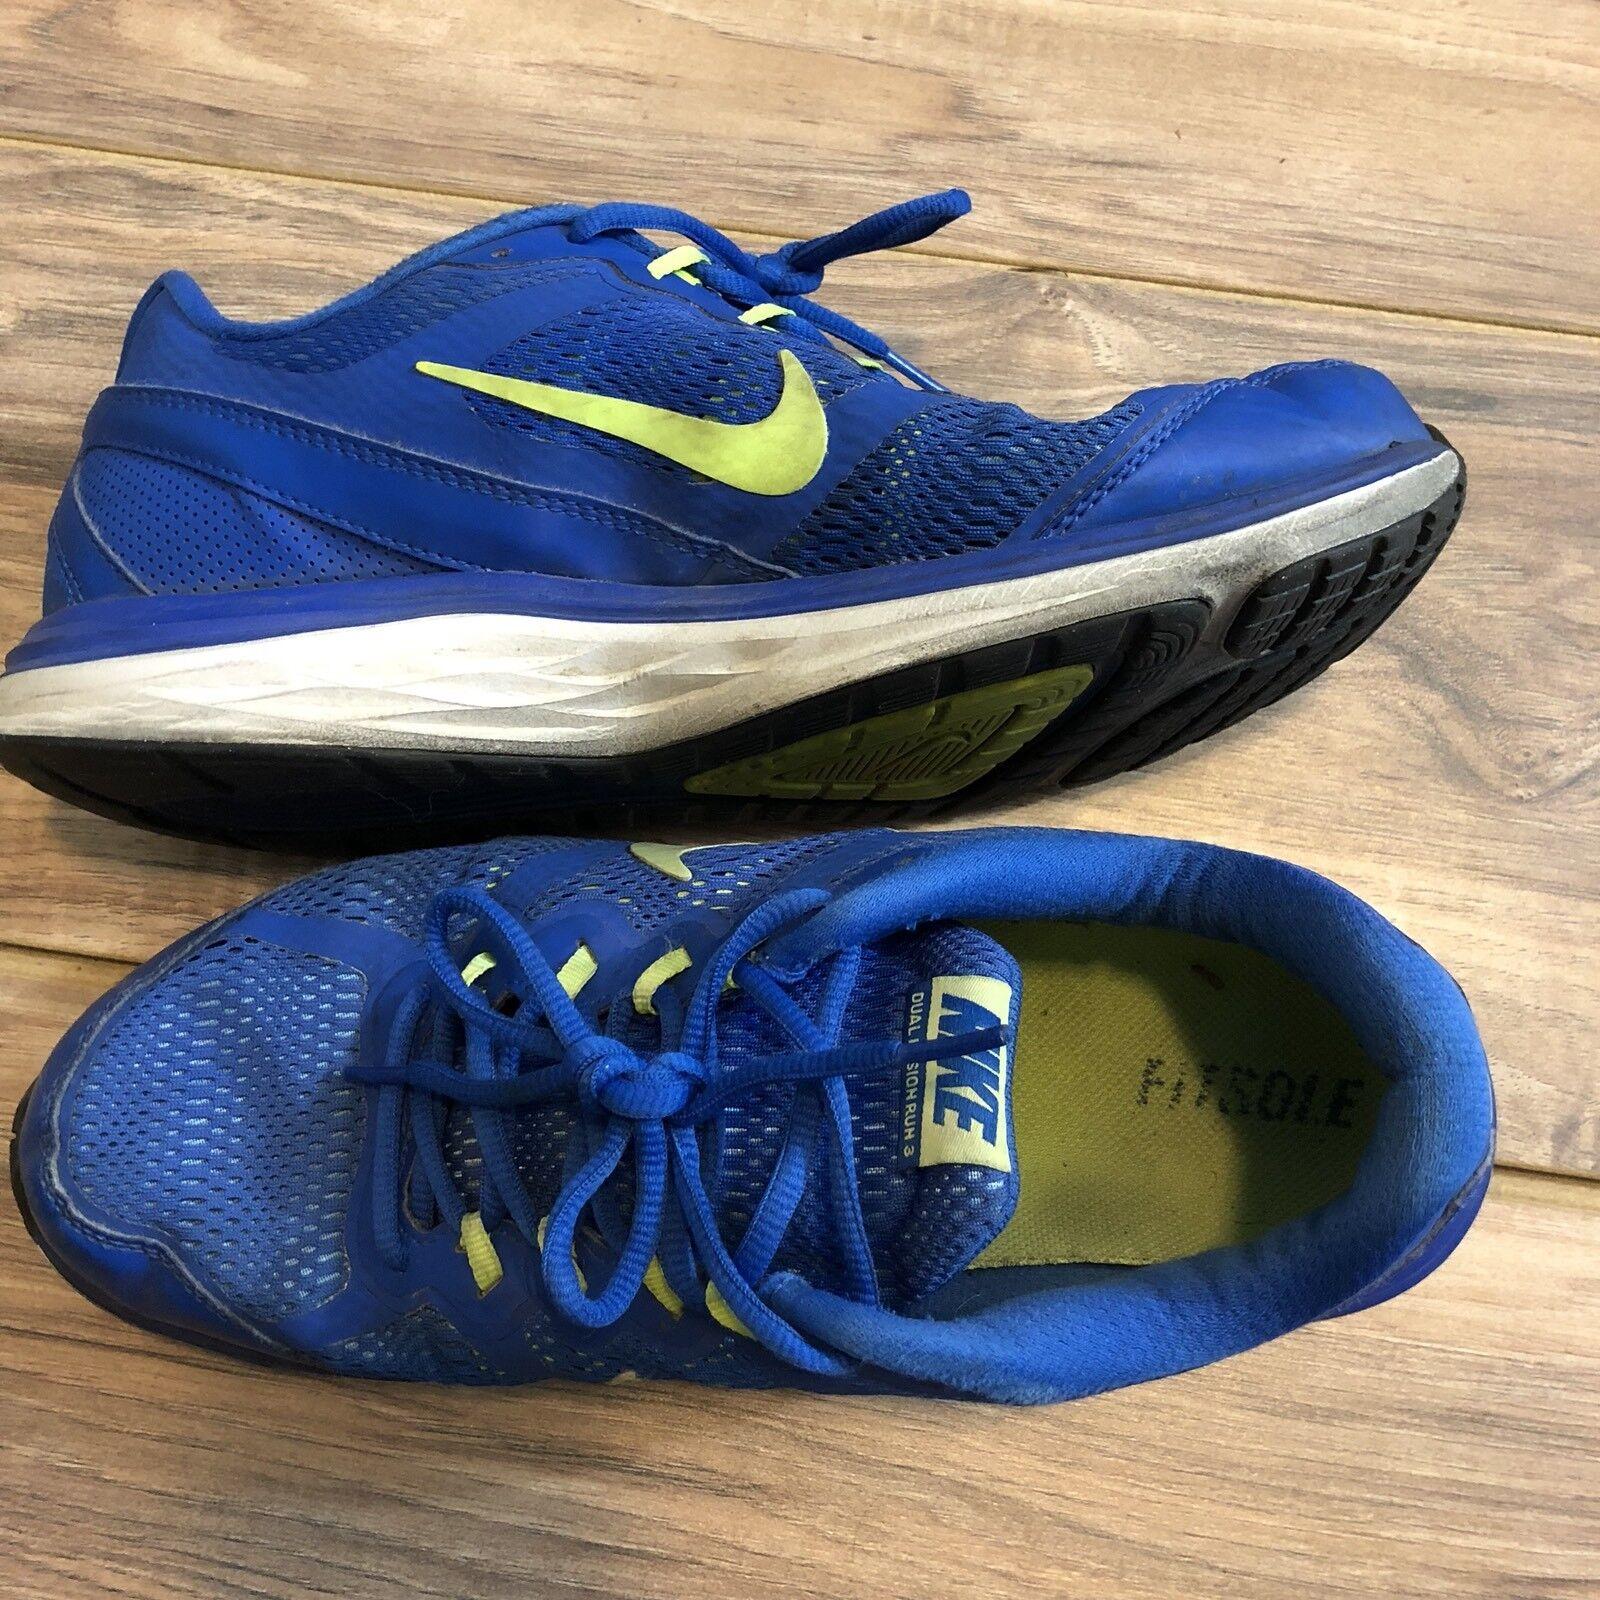 NIKE NIKE NIKE DUAL FUSION azul corriendo zapatos de los hombres de reducción de precio liquidación estacional c4a8b5